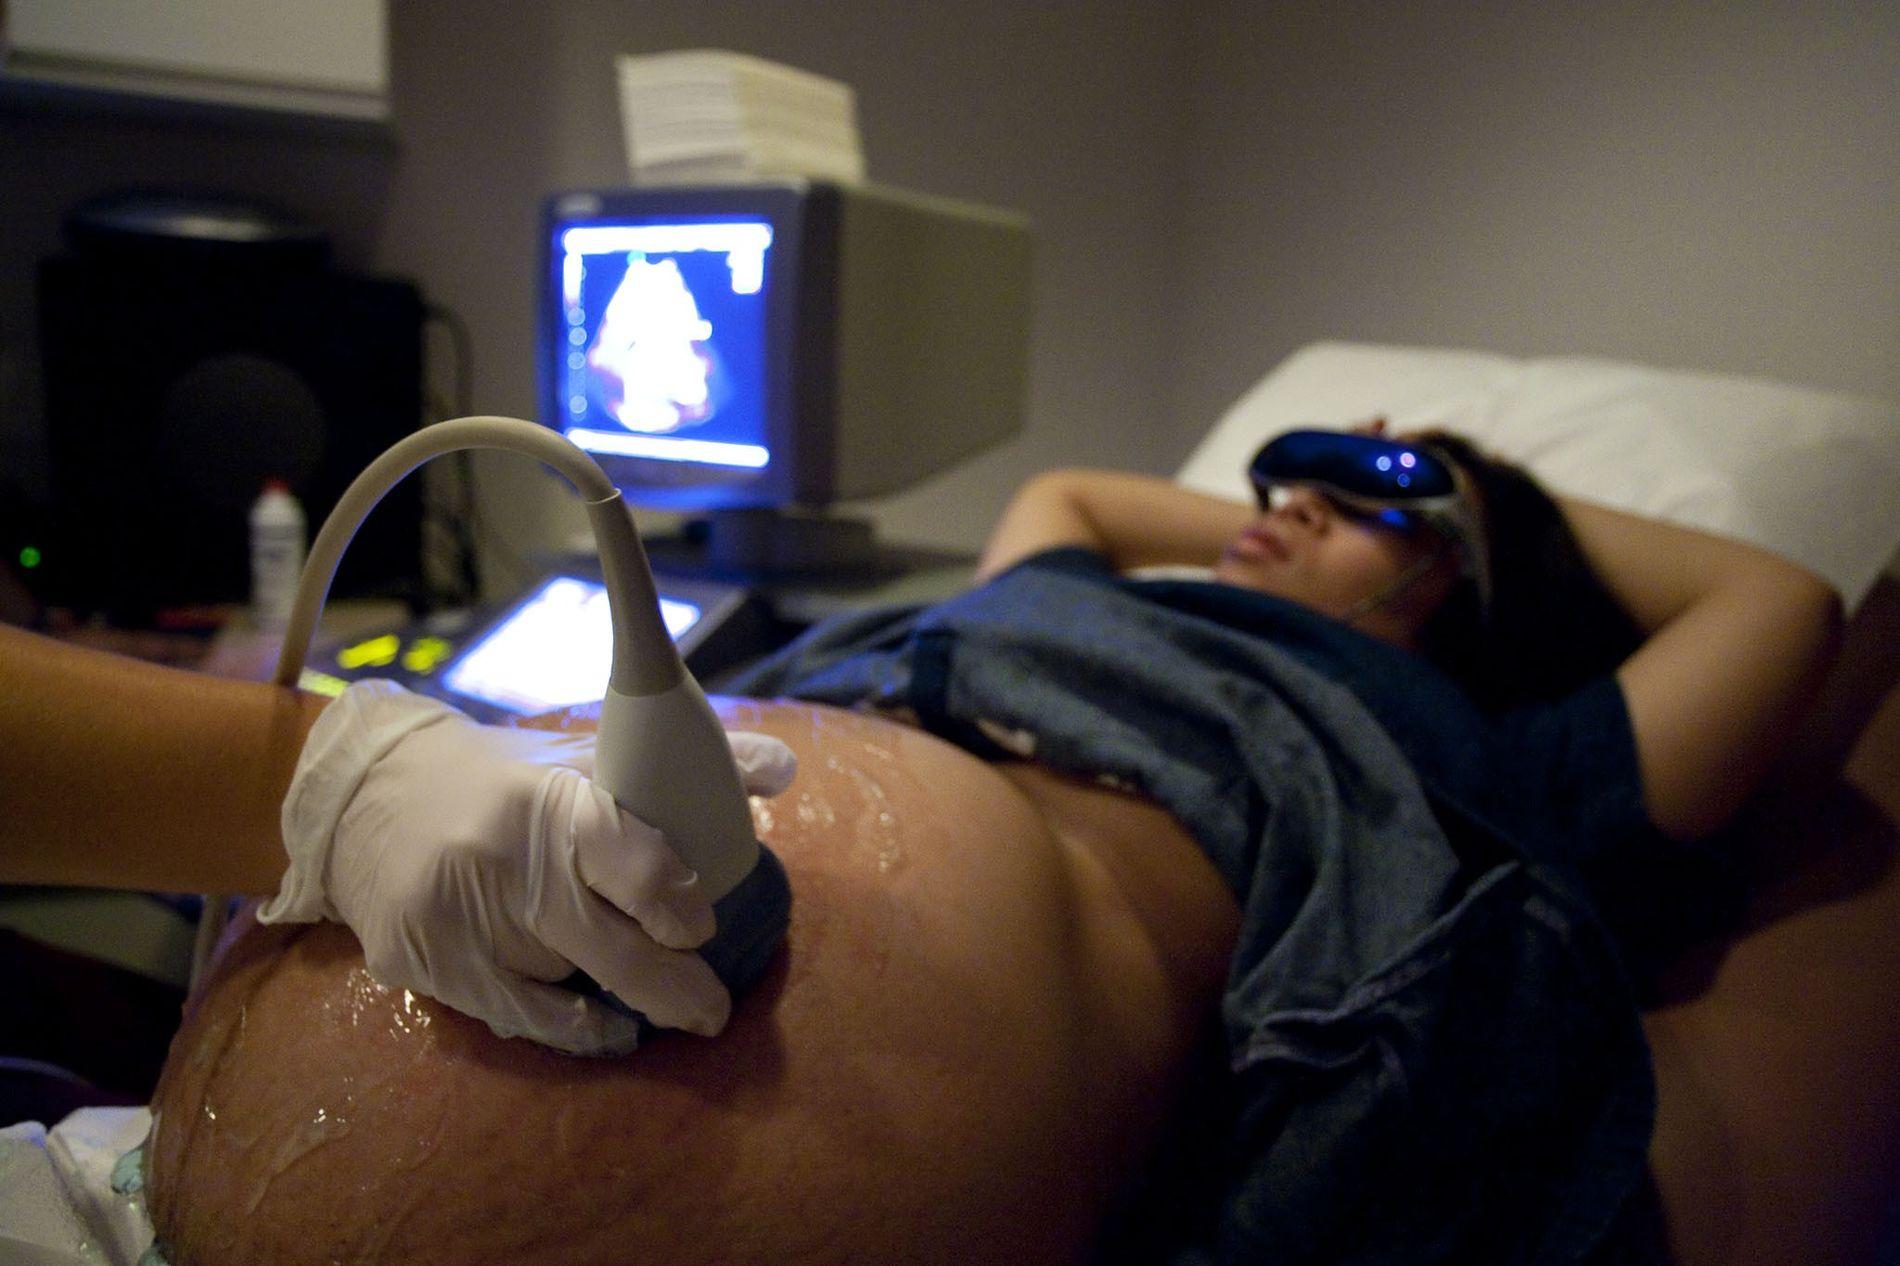 Uma mulher grávida recebe uma ultrassonografia de inspeção para seus bebês gêmeos.